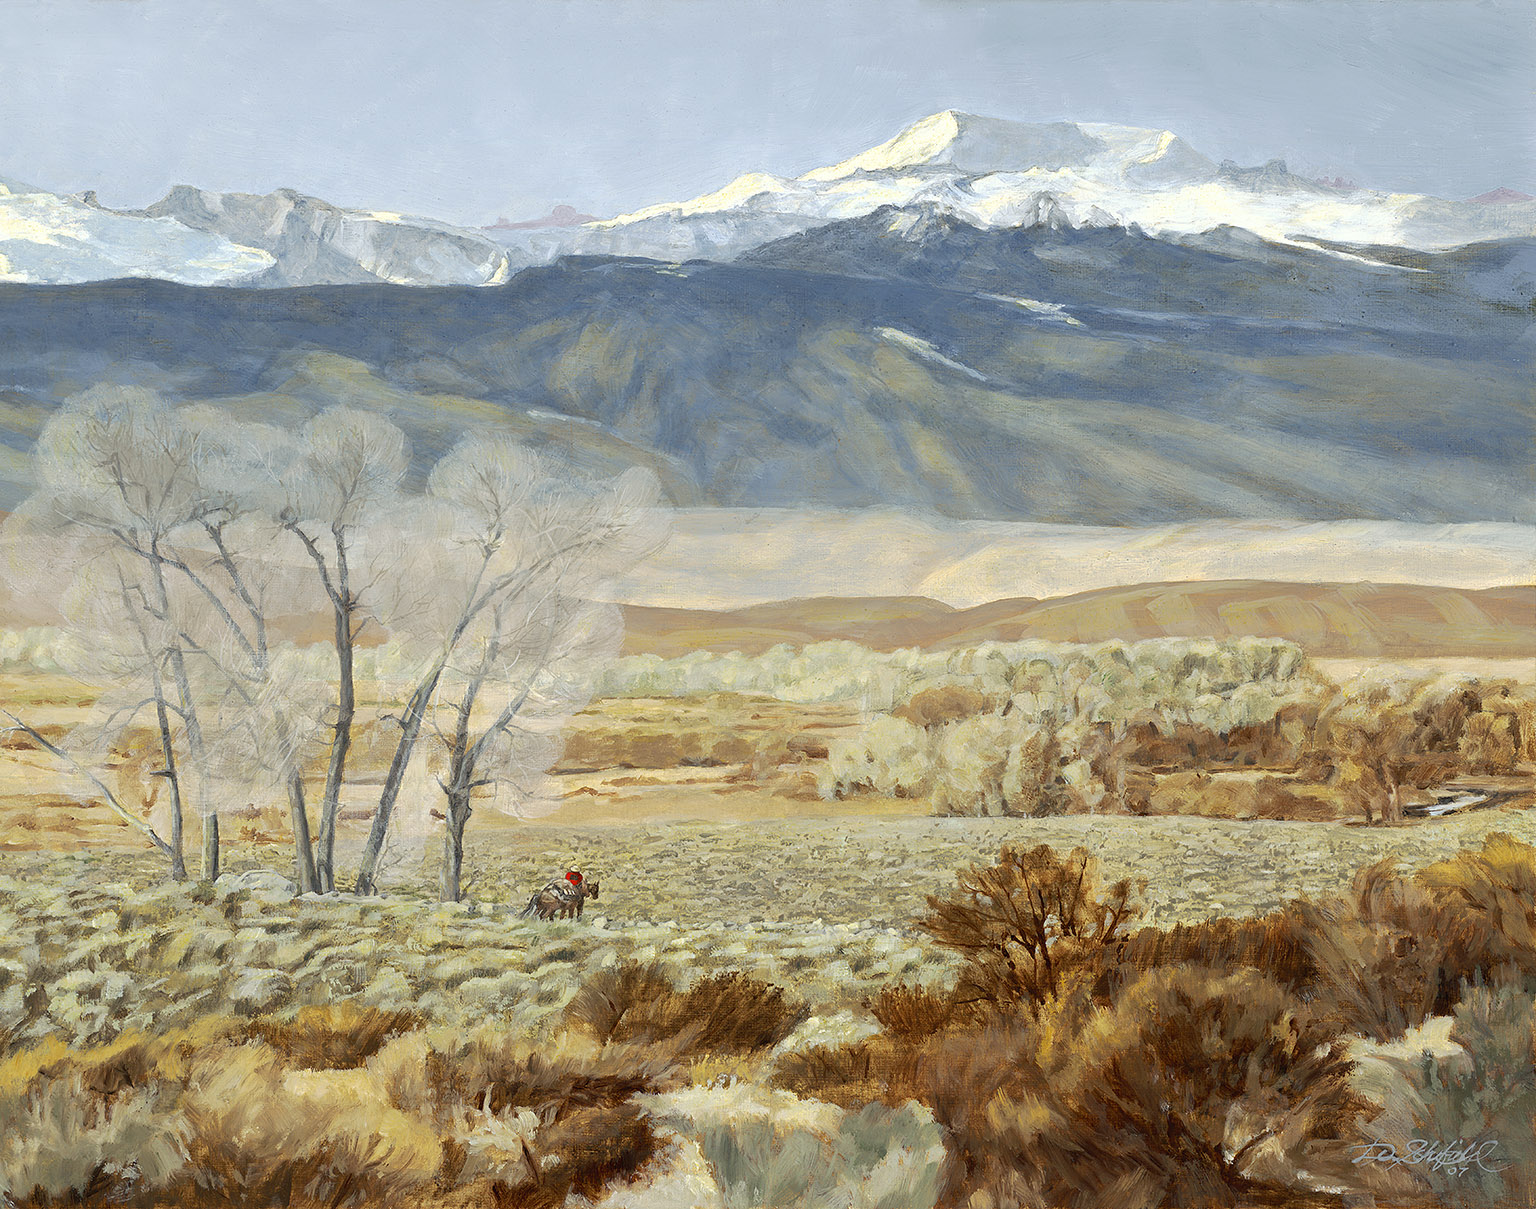 Popo Agie River Valley.jpg